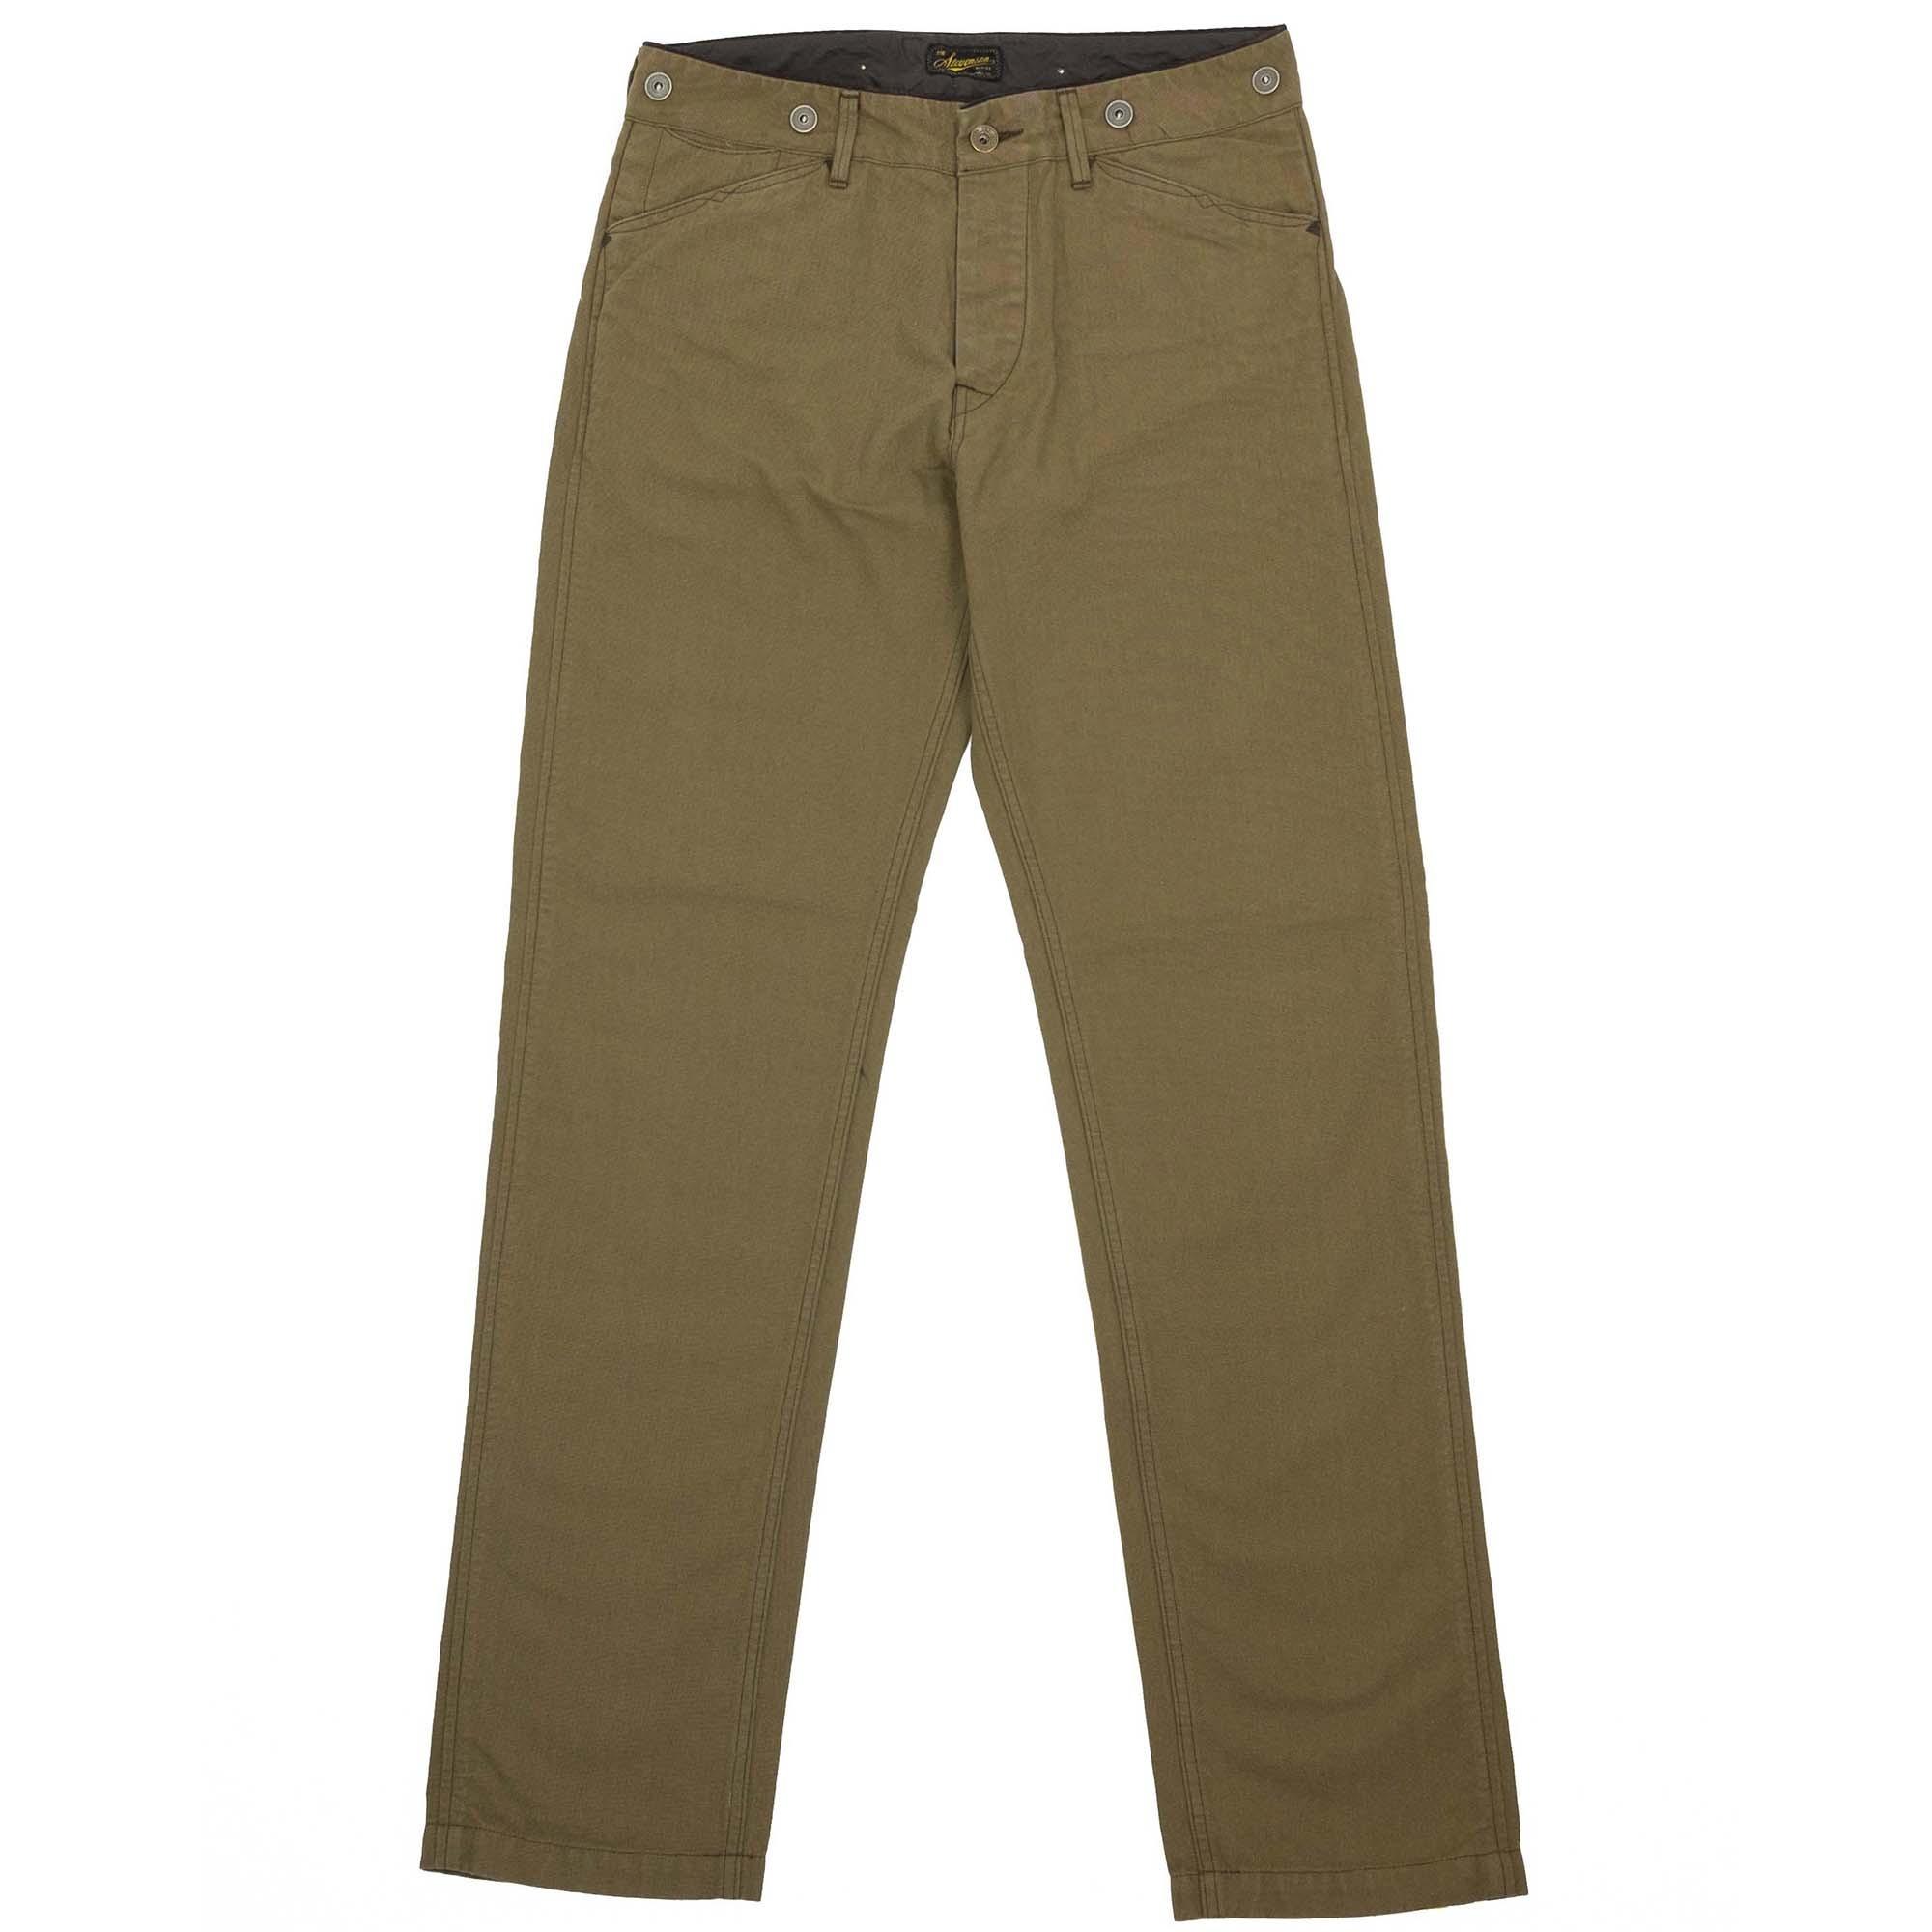 Stevenson Overall Co. Gambler Trousers - Khaki